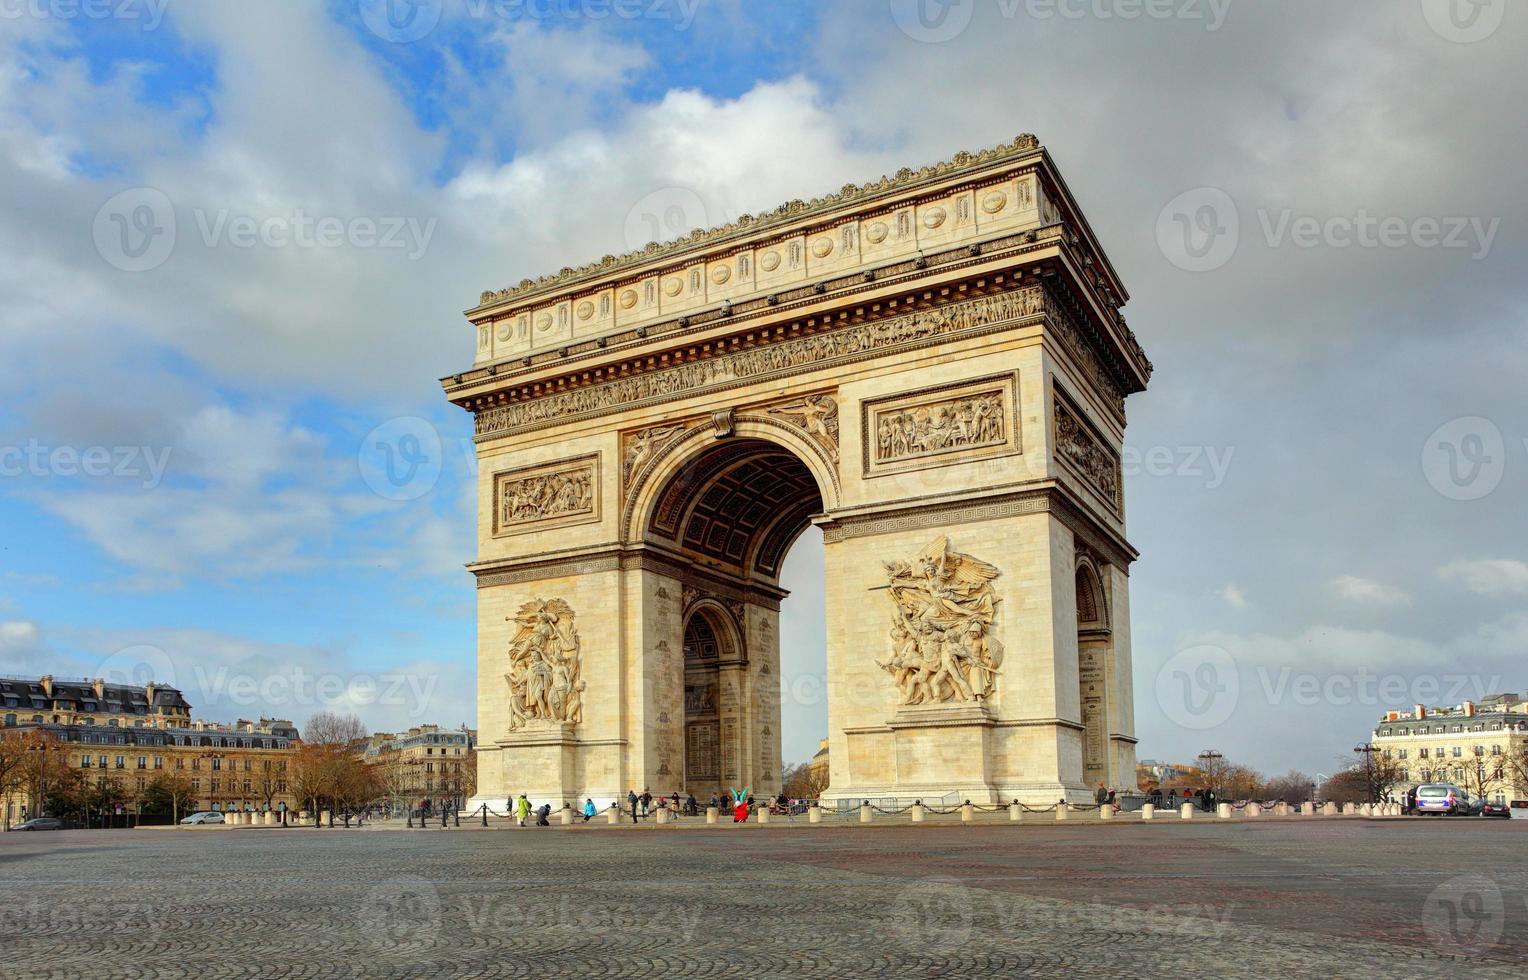 arc de triomphe mot fin blå himmel foto